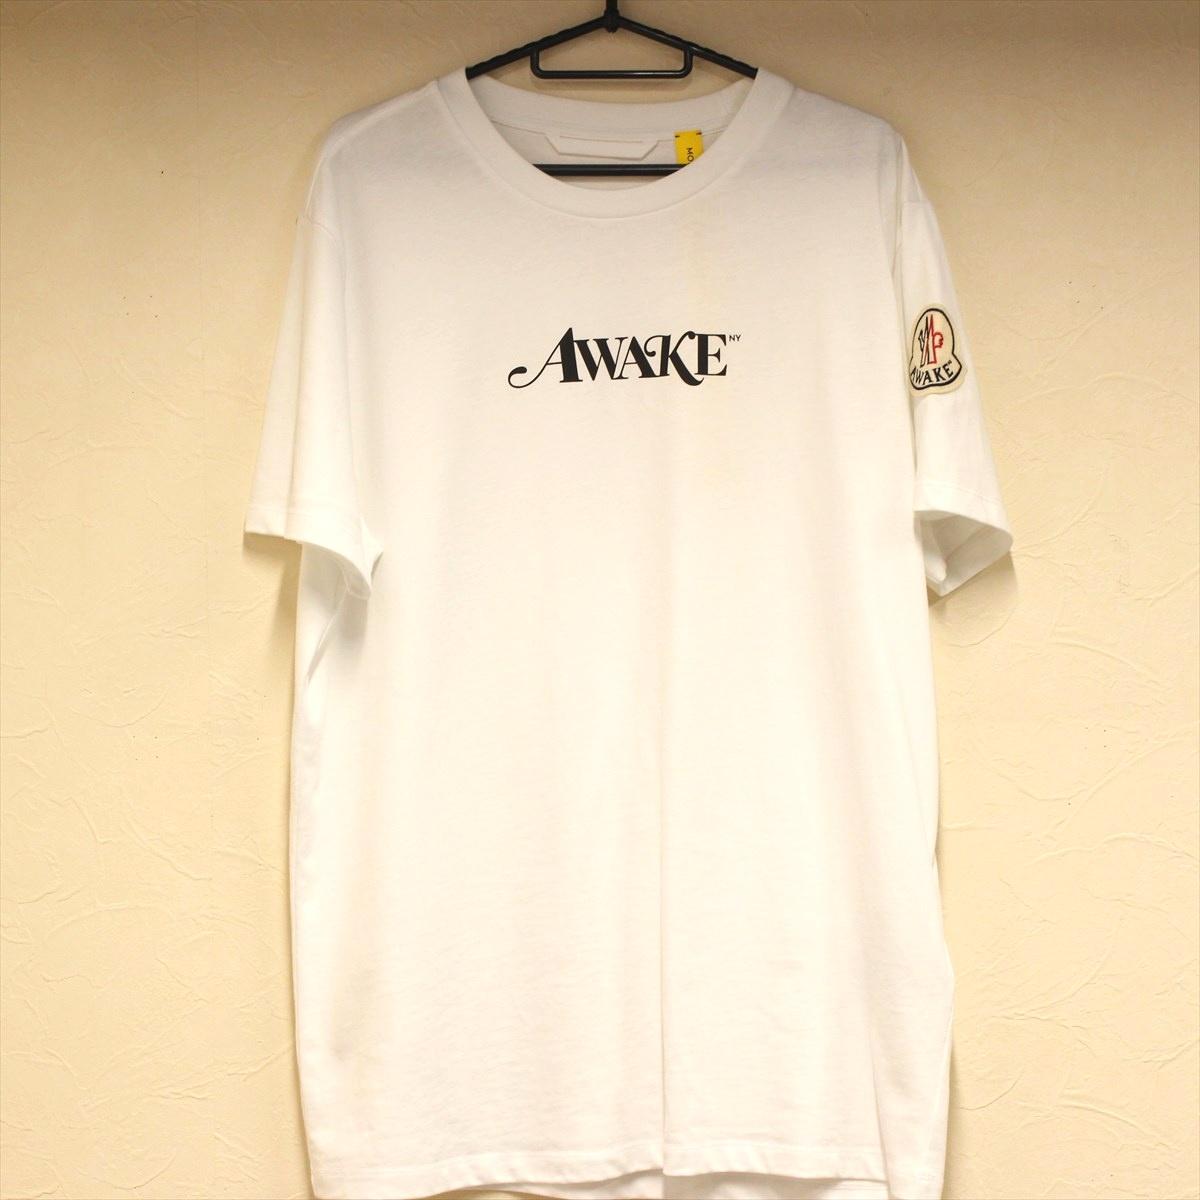 MONCLER Genius モンクレール AWAKE Tシャツ Lサイズ メンズ 【中古品】 N20-1524 中洲店